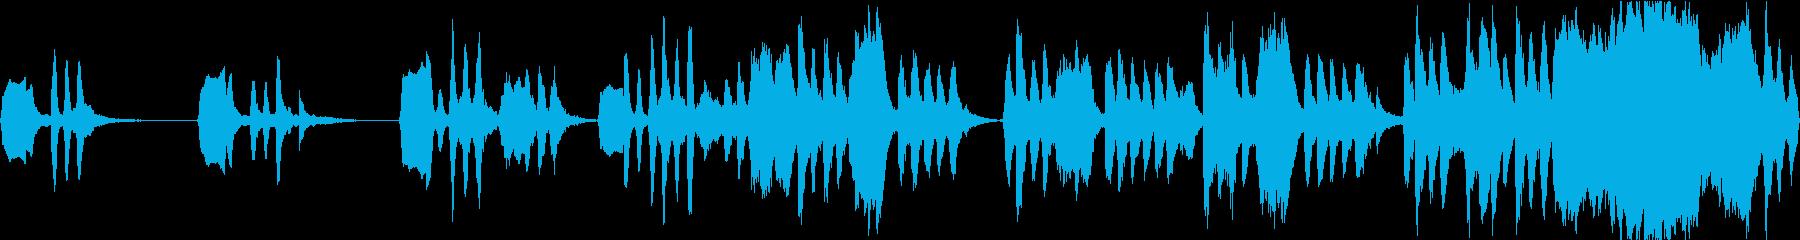 ほのぼのと不思議がるような曲の再生済みの波形